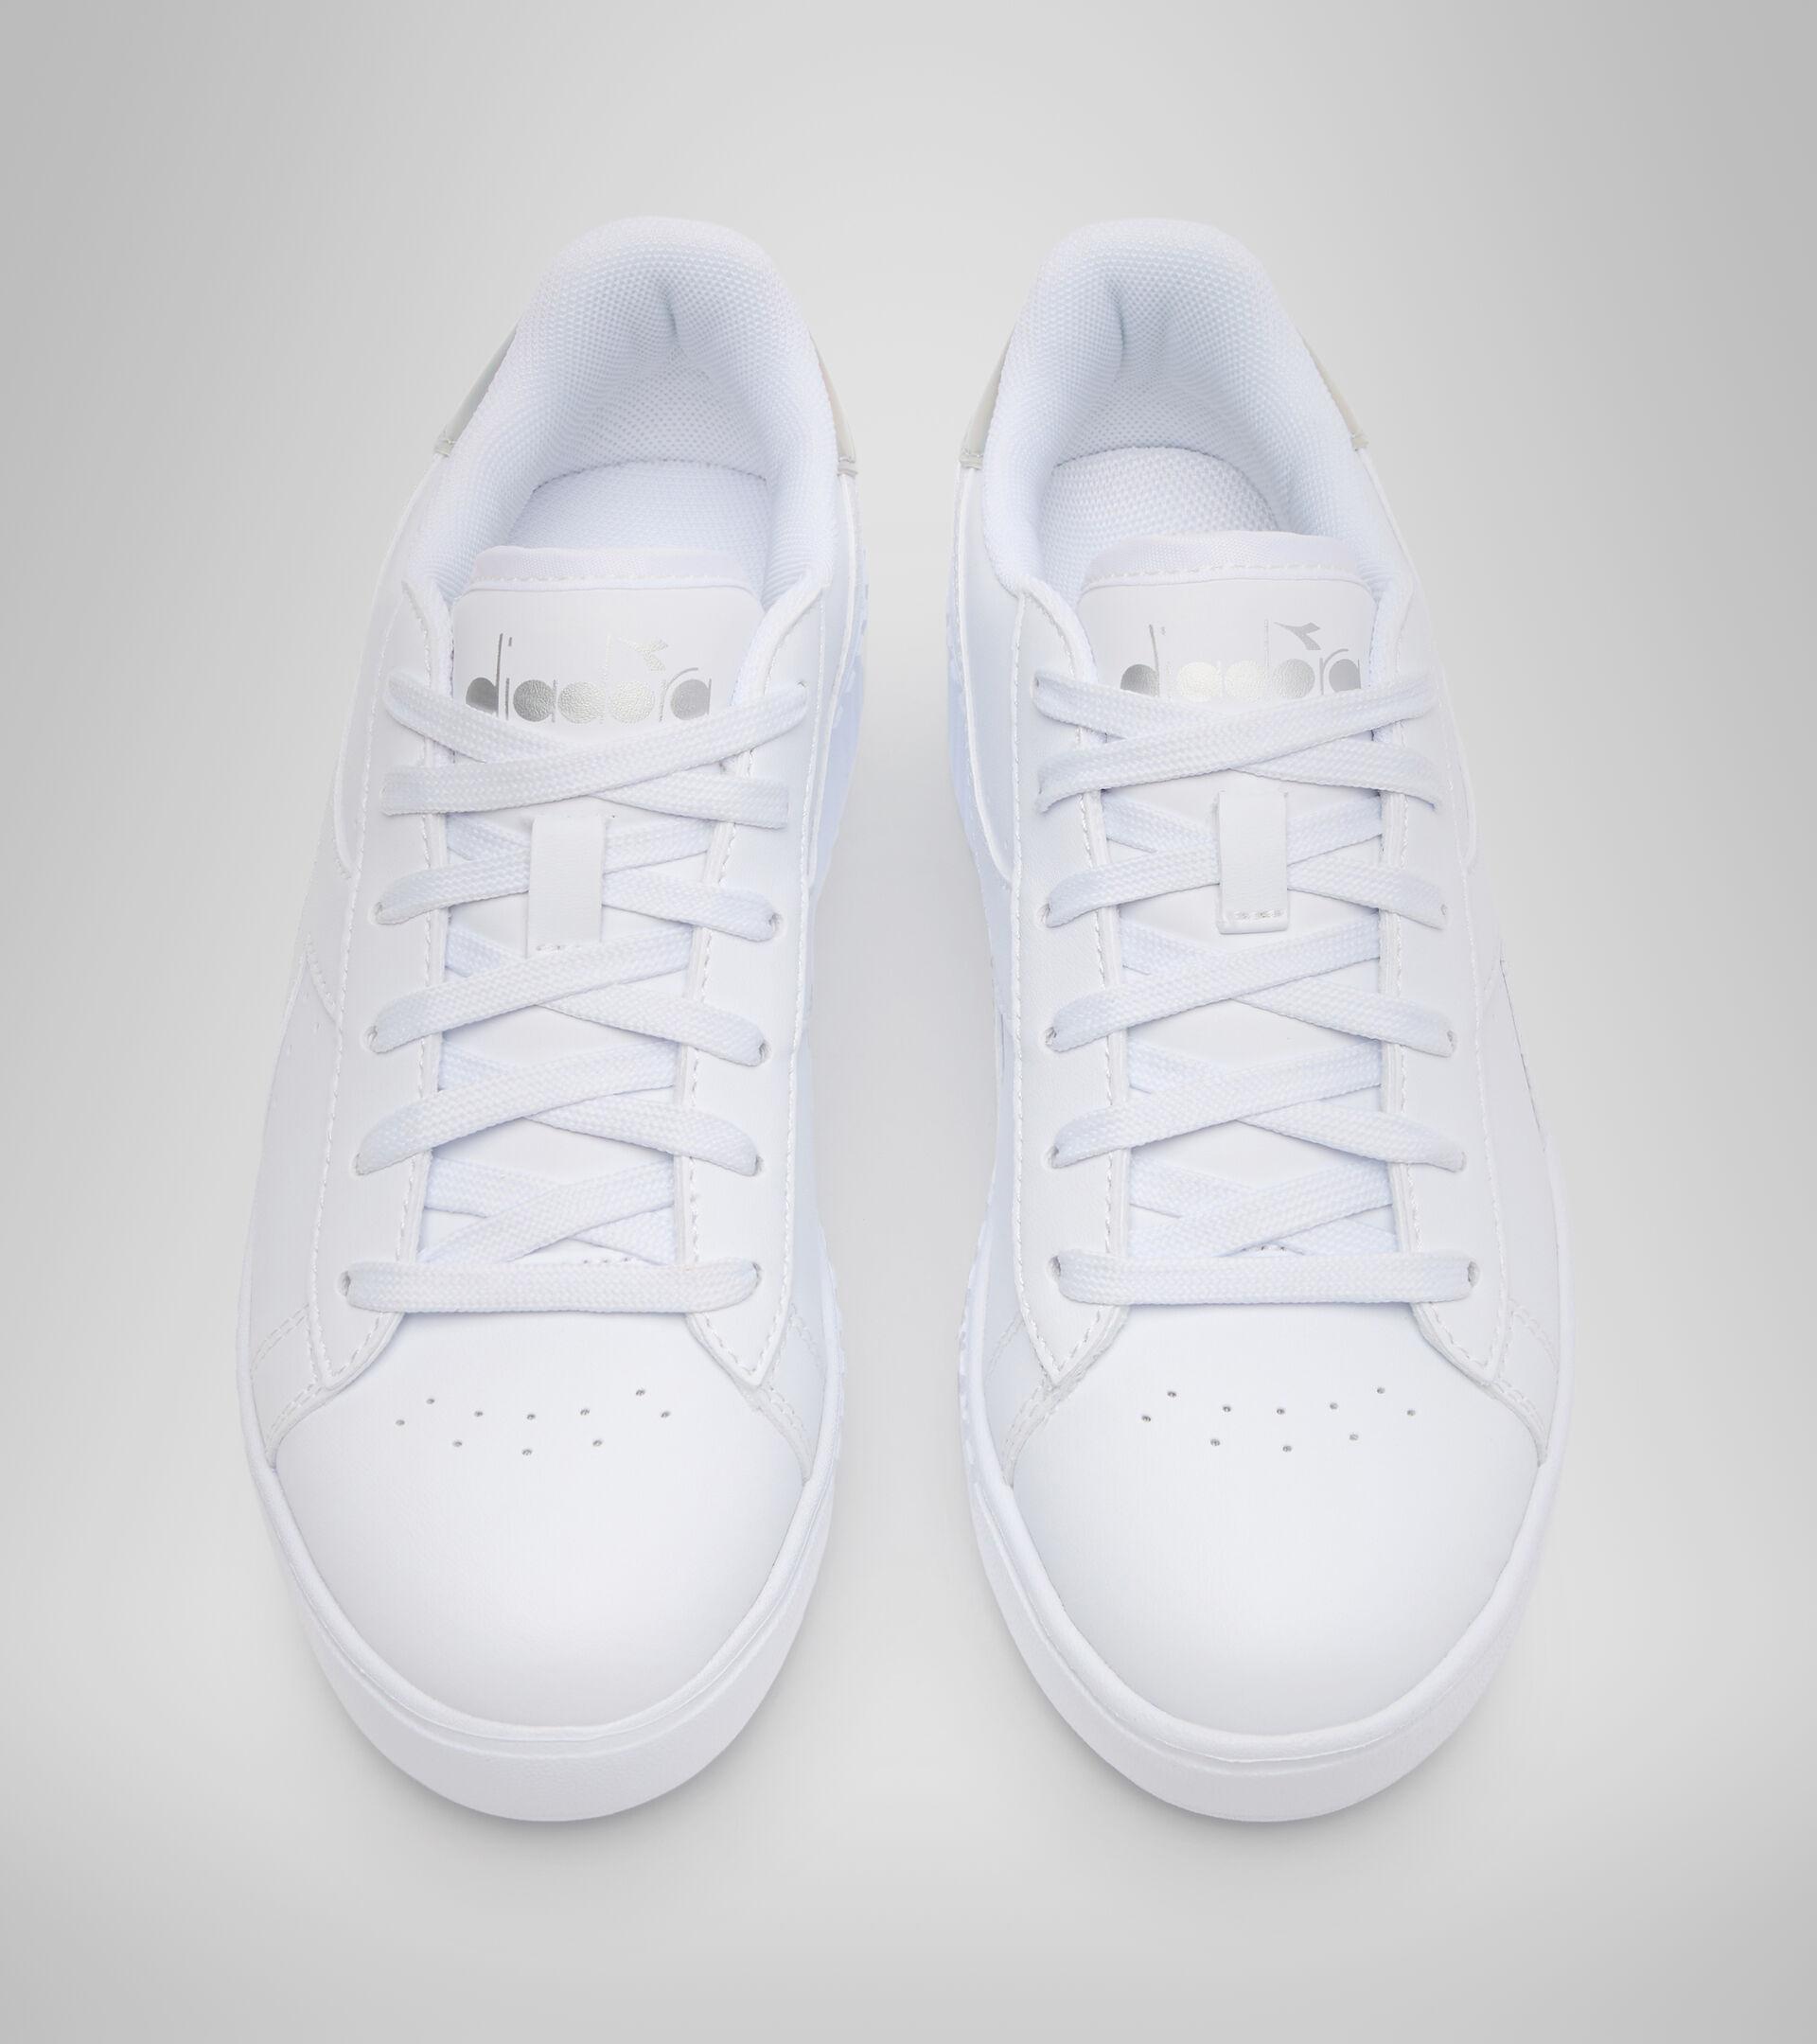 Chaussures de sport - Jeunes 8-16 ans GAME STEP GS WEISS/ARGENT - Diadora